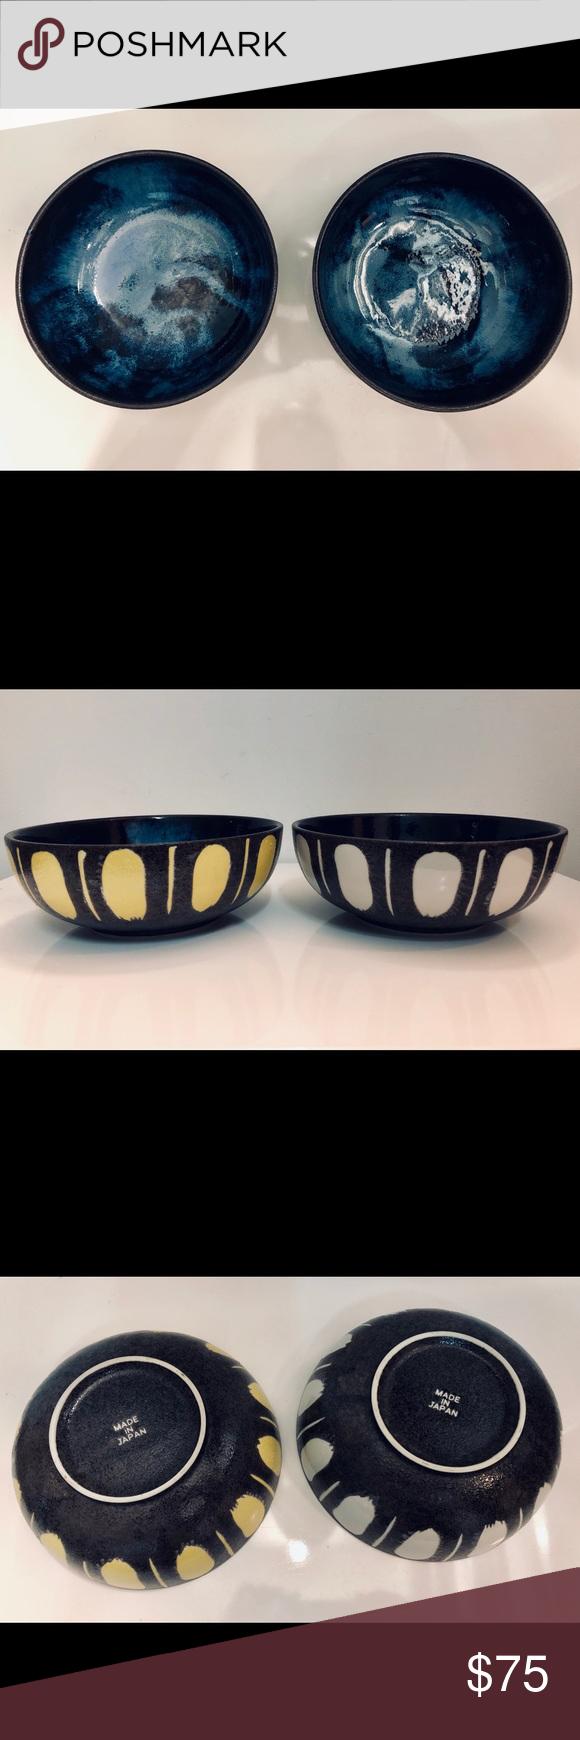 Japanese Mcm Ceramic Bowls Pair Euc Wabi Sabi Ceramic Bowls Ceramics Wabi Sabi